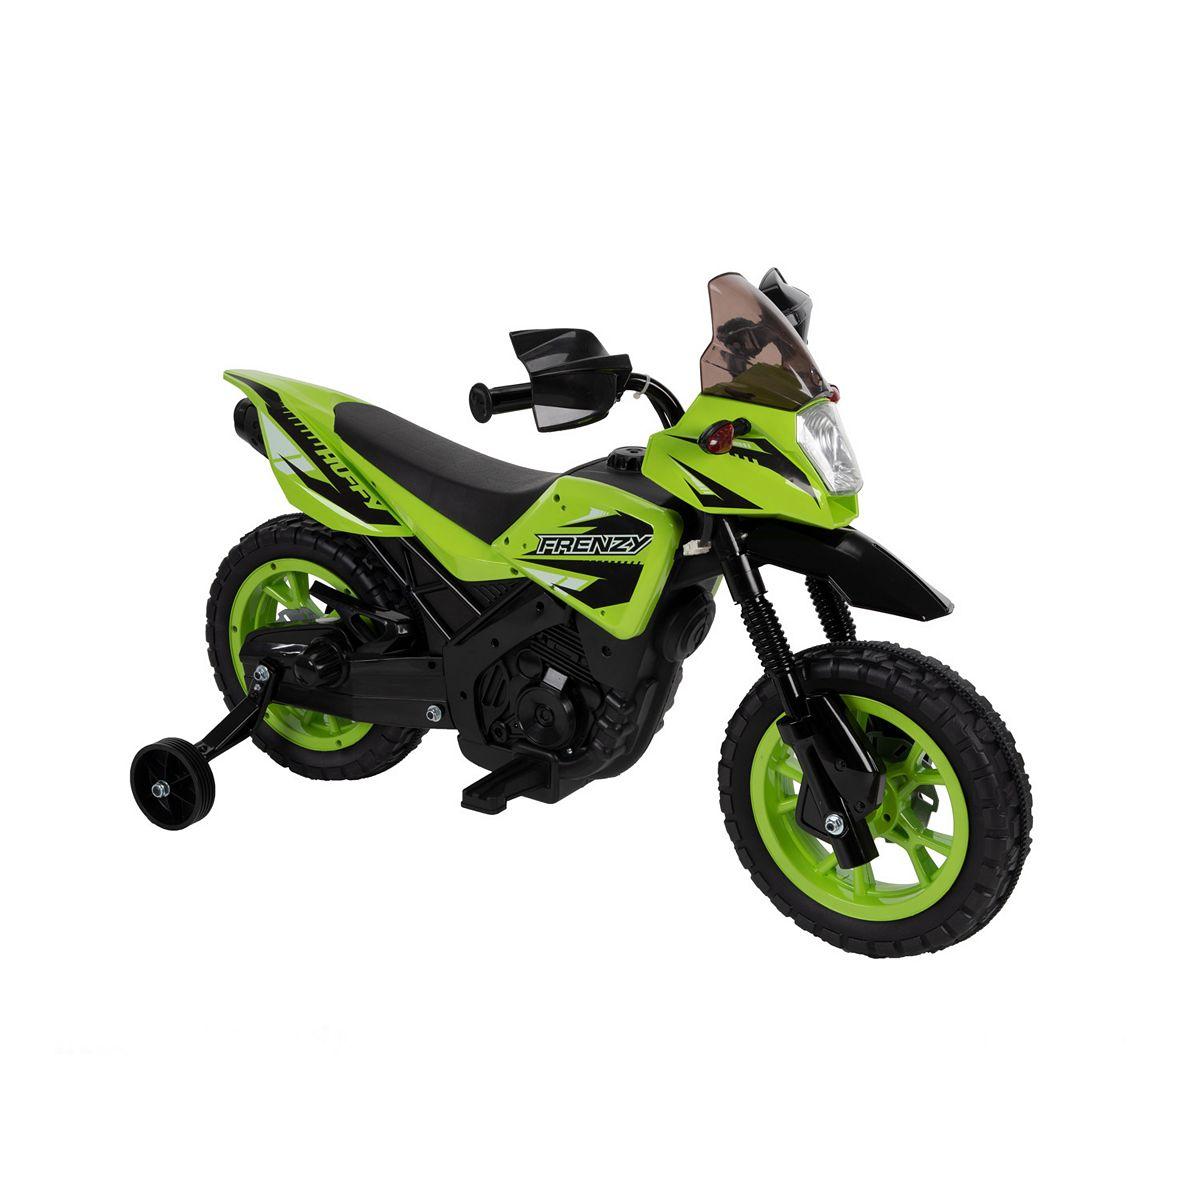 Huffy Frenzy 6V Motorcycle + $10.00 Kohls Cash